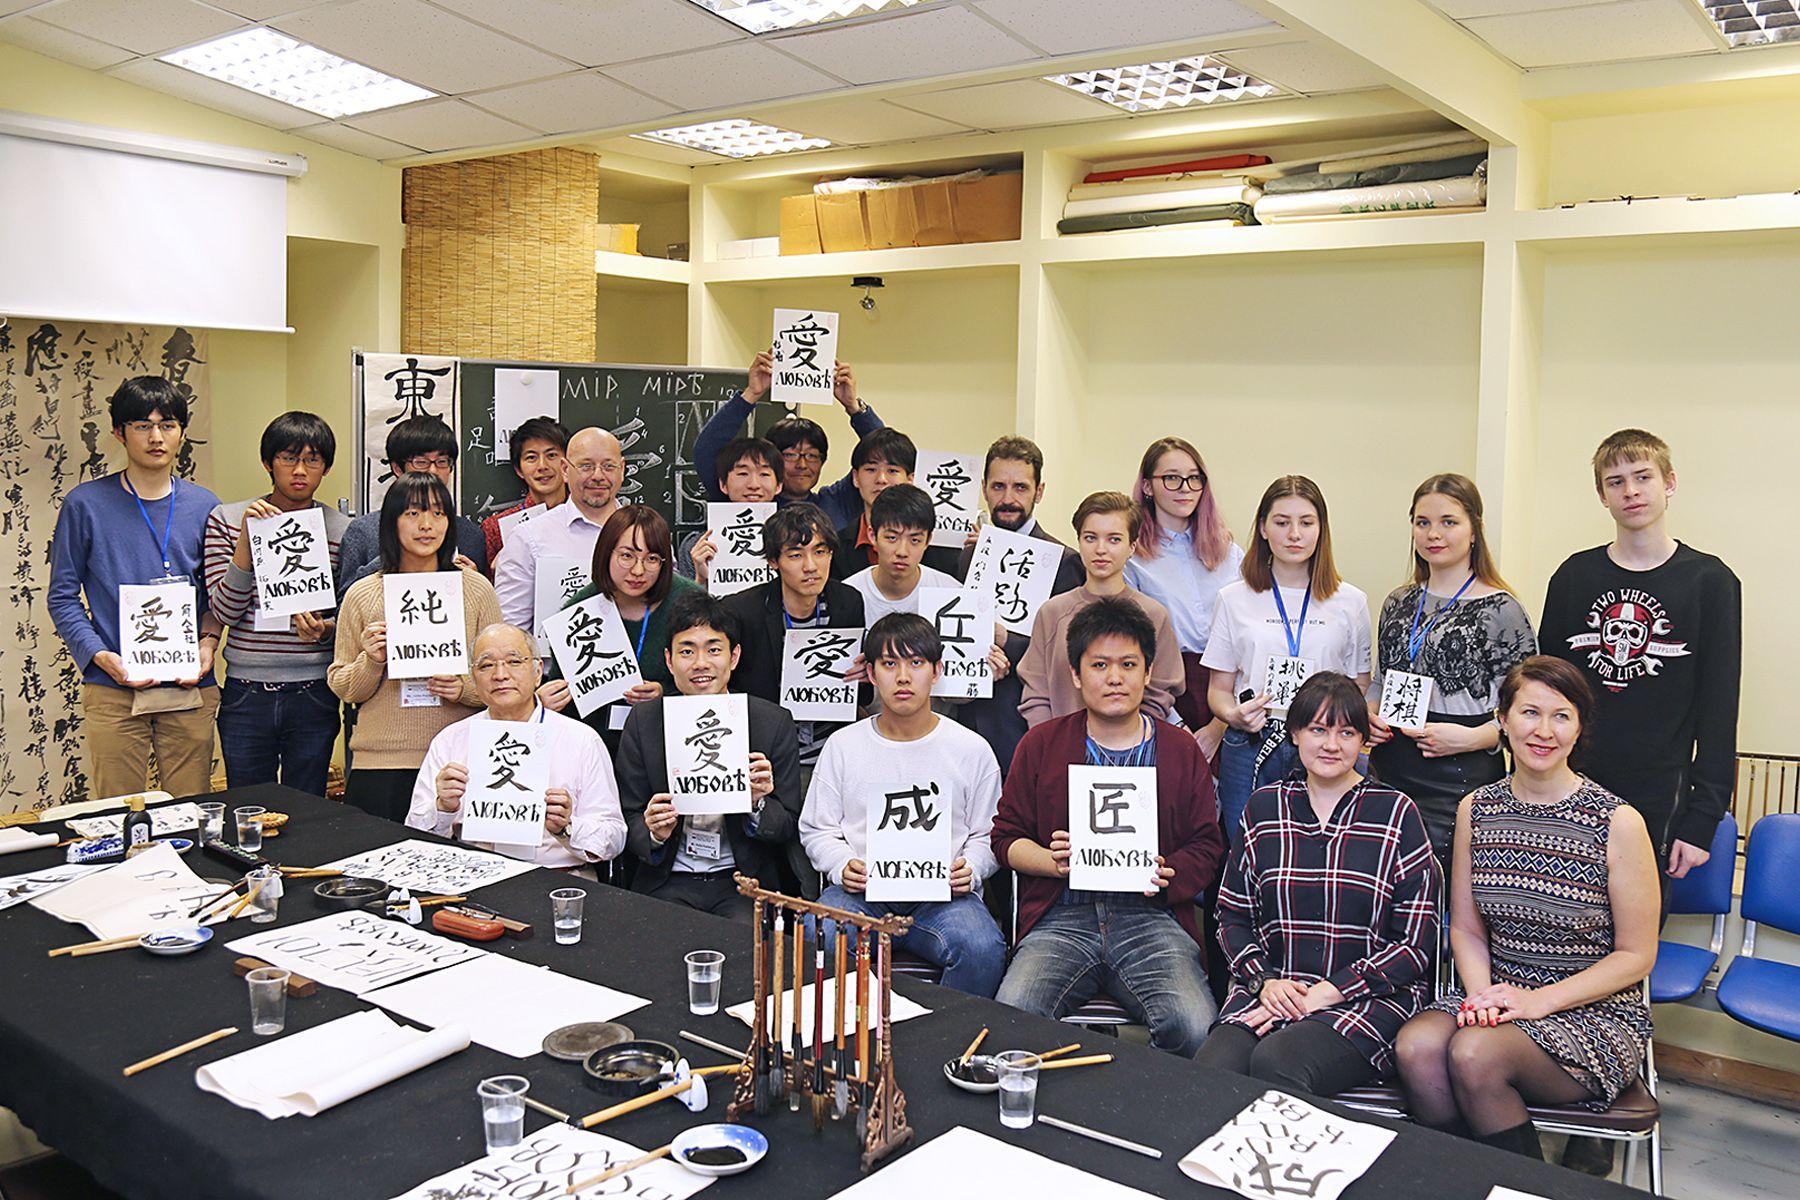 Искусство Запада и Востока: во ВГУЭС прошли мастер-классы по славянской письменности и японской печати